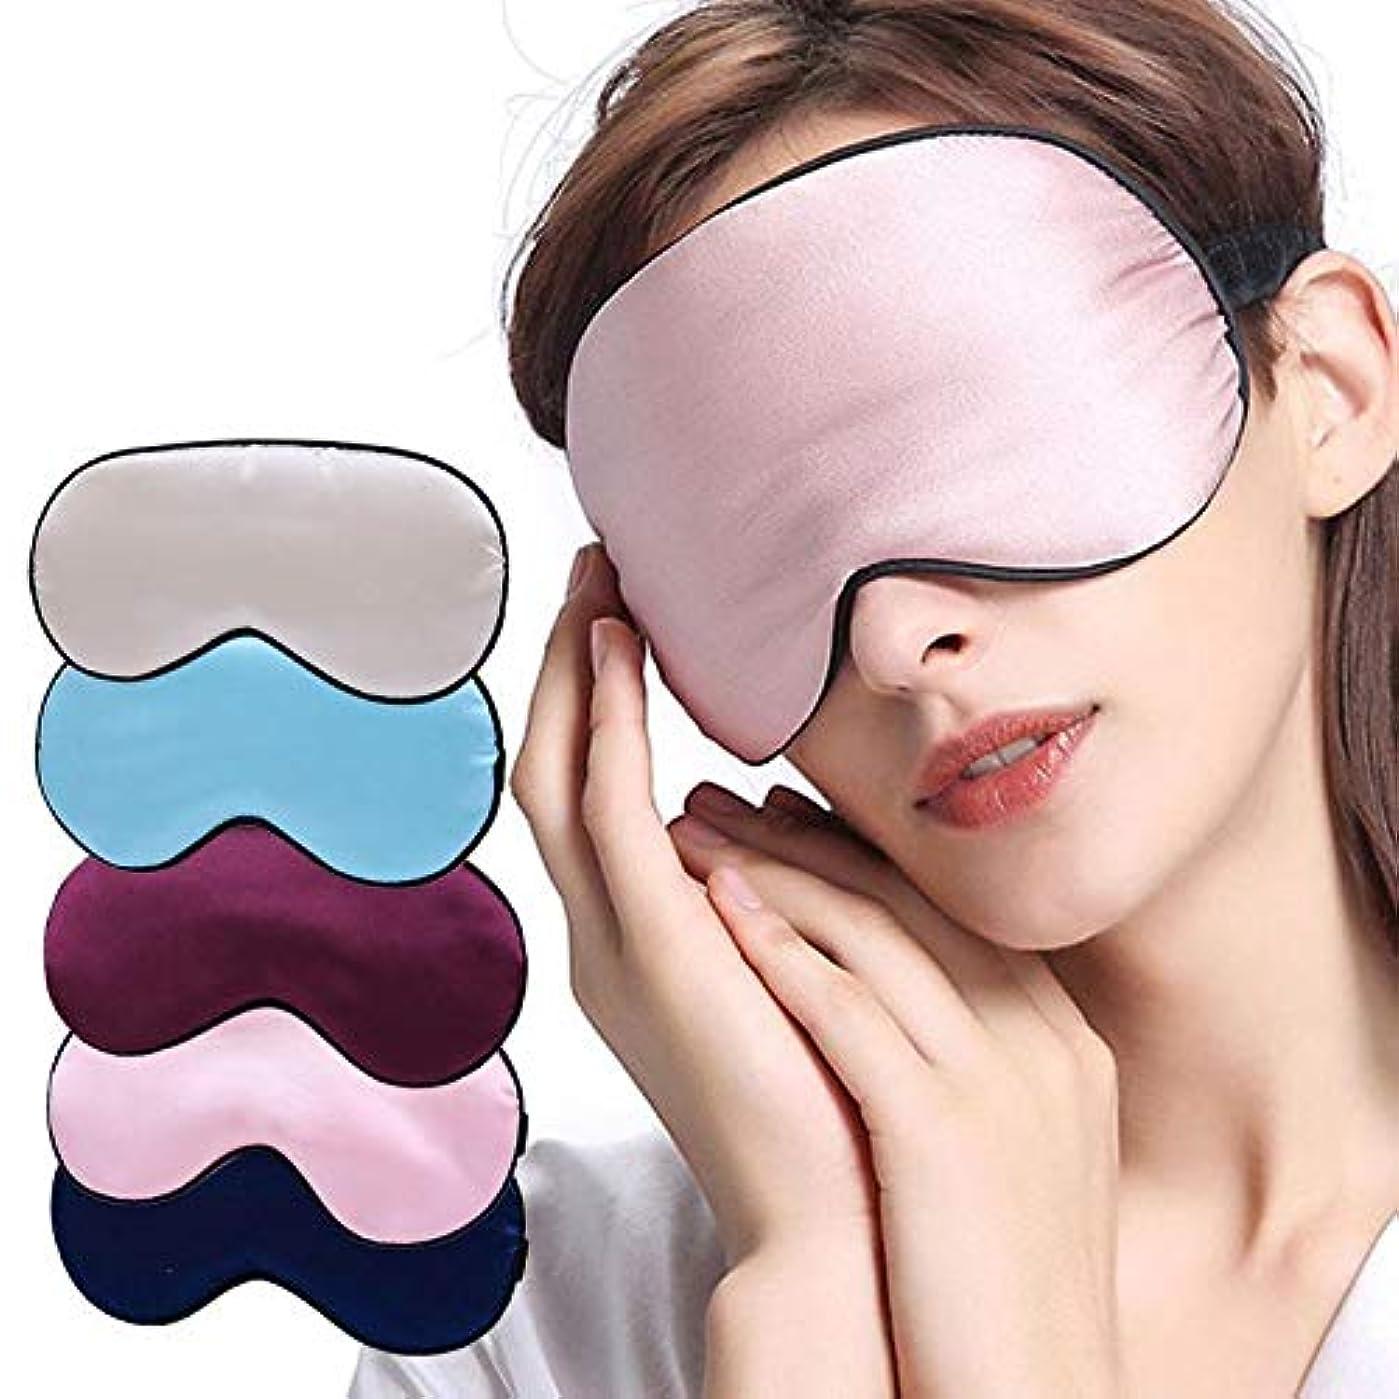 ほのめかす具体的に不承認注意シルクアイマスク睡眠用ゴーグル休息リラックス通気性睡眠補助目隠しアイパッチソフトポータブルスリーピングアイマスクL4